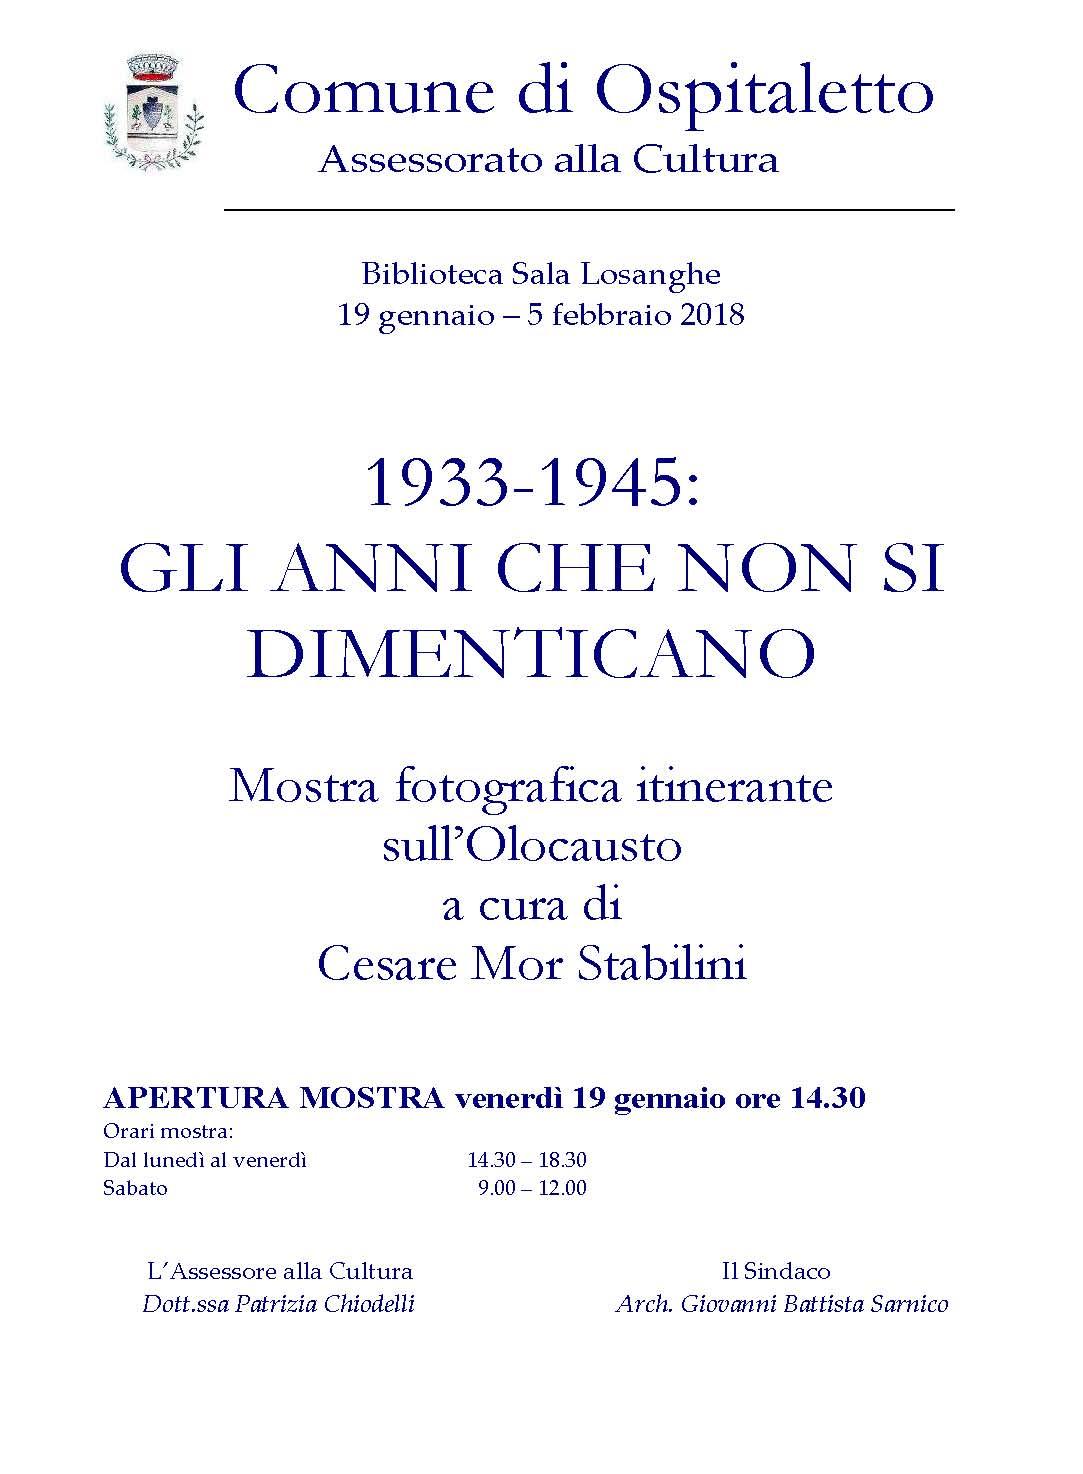 2018 01 19 - 02 05 Ospitaletto - mostra fotografica